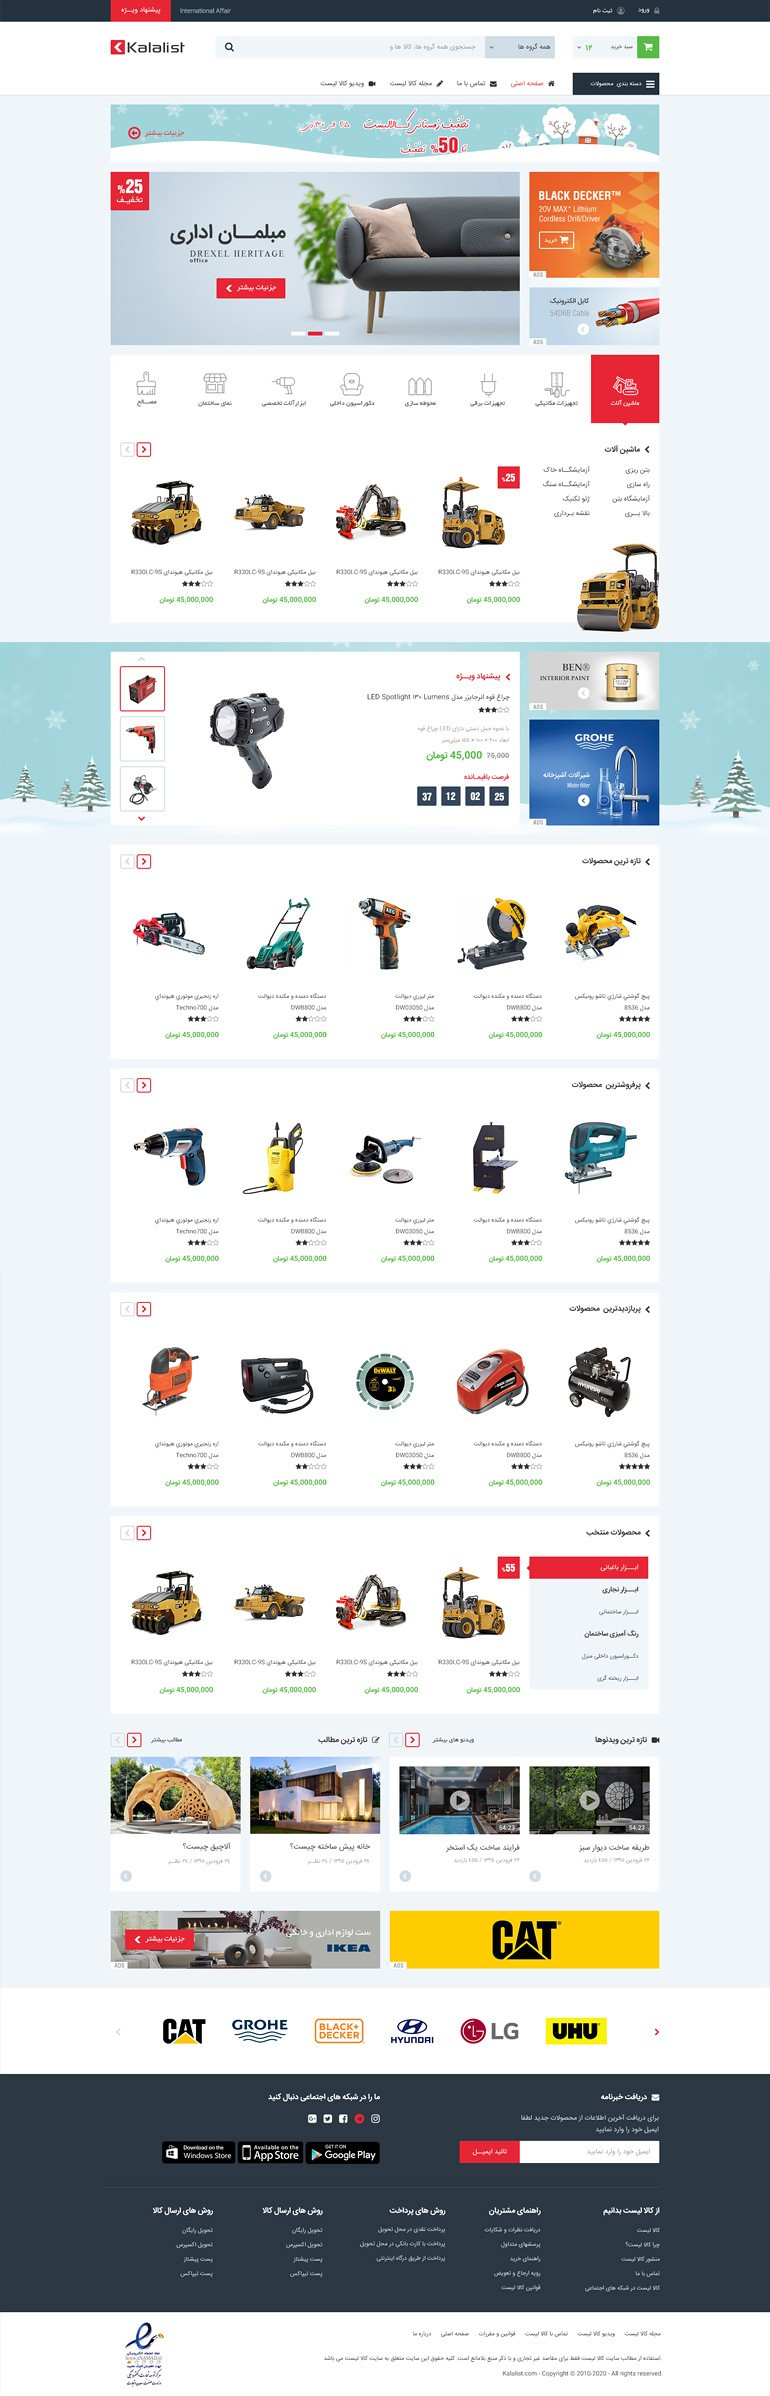 طراح سایت کالا لیست